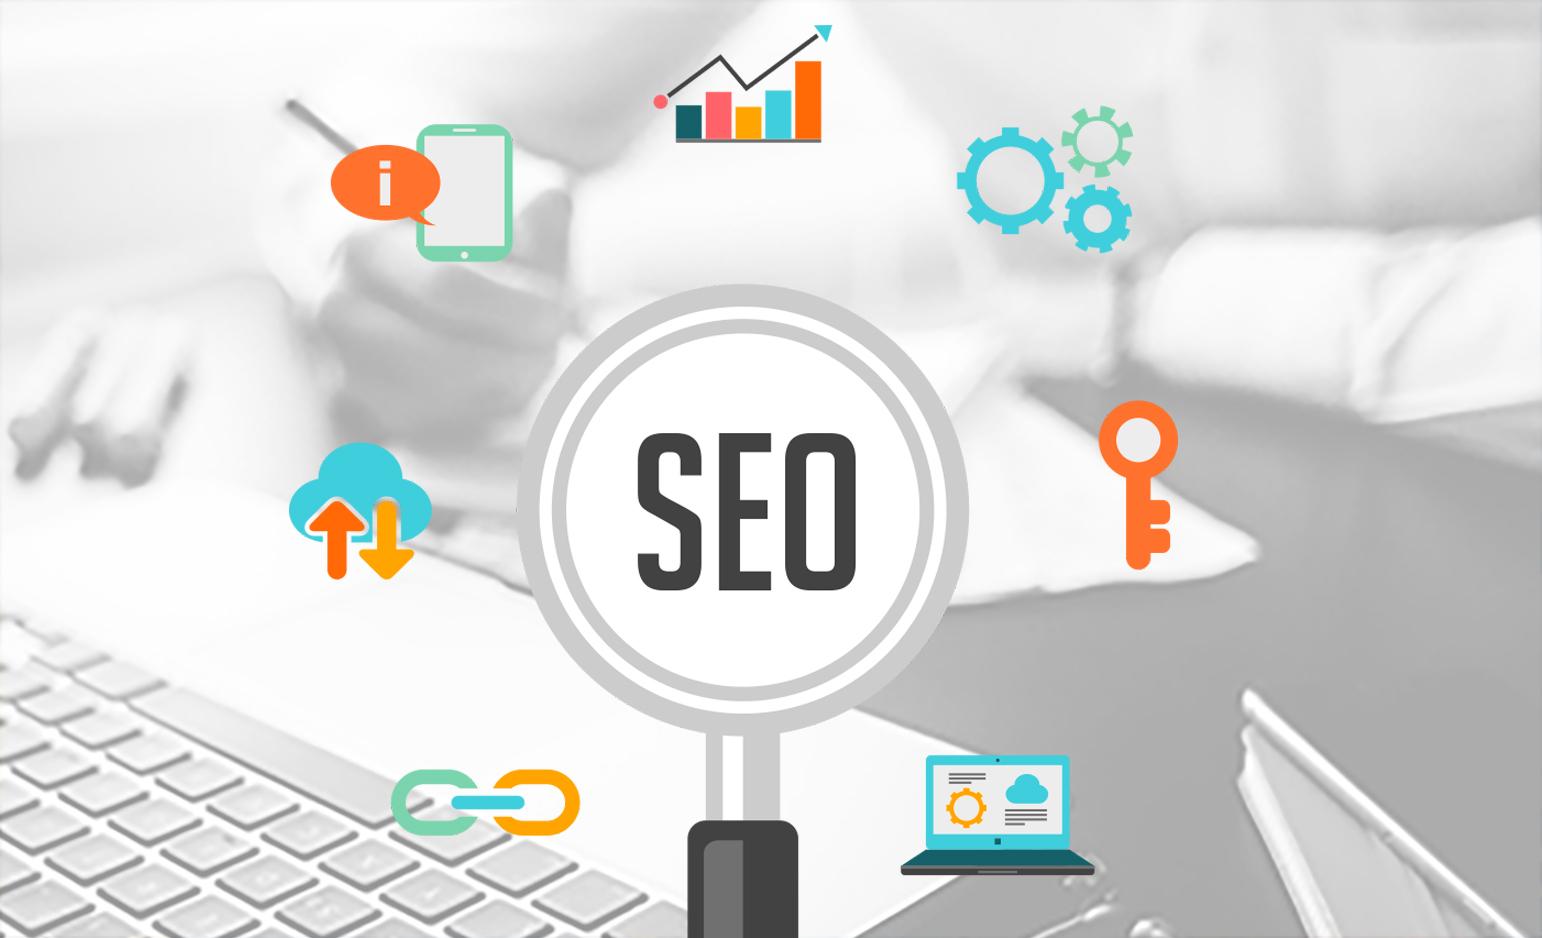 Как осуществляется продвижение сайтов как продвижение сайта в интернете